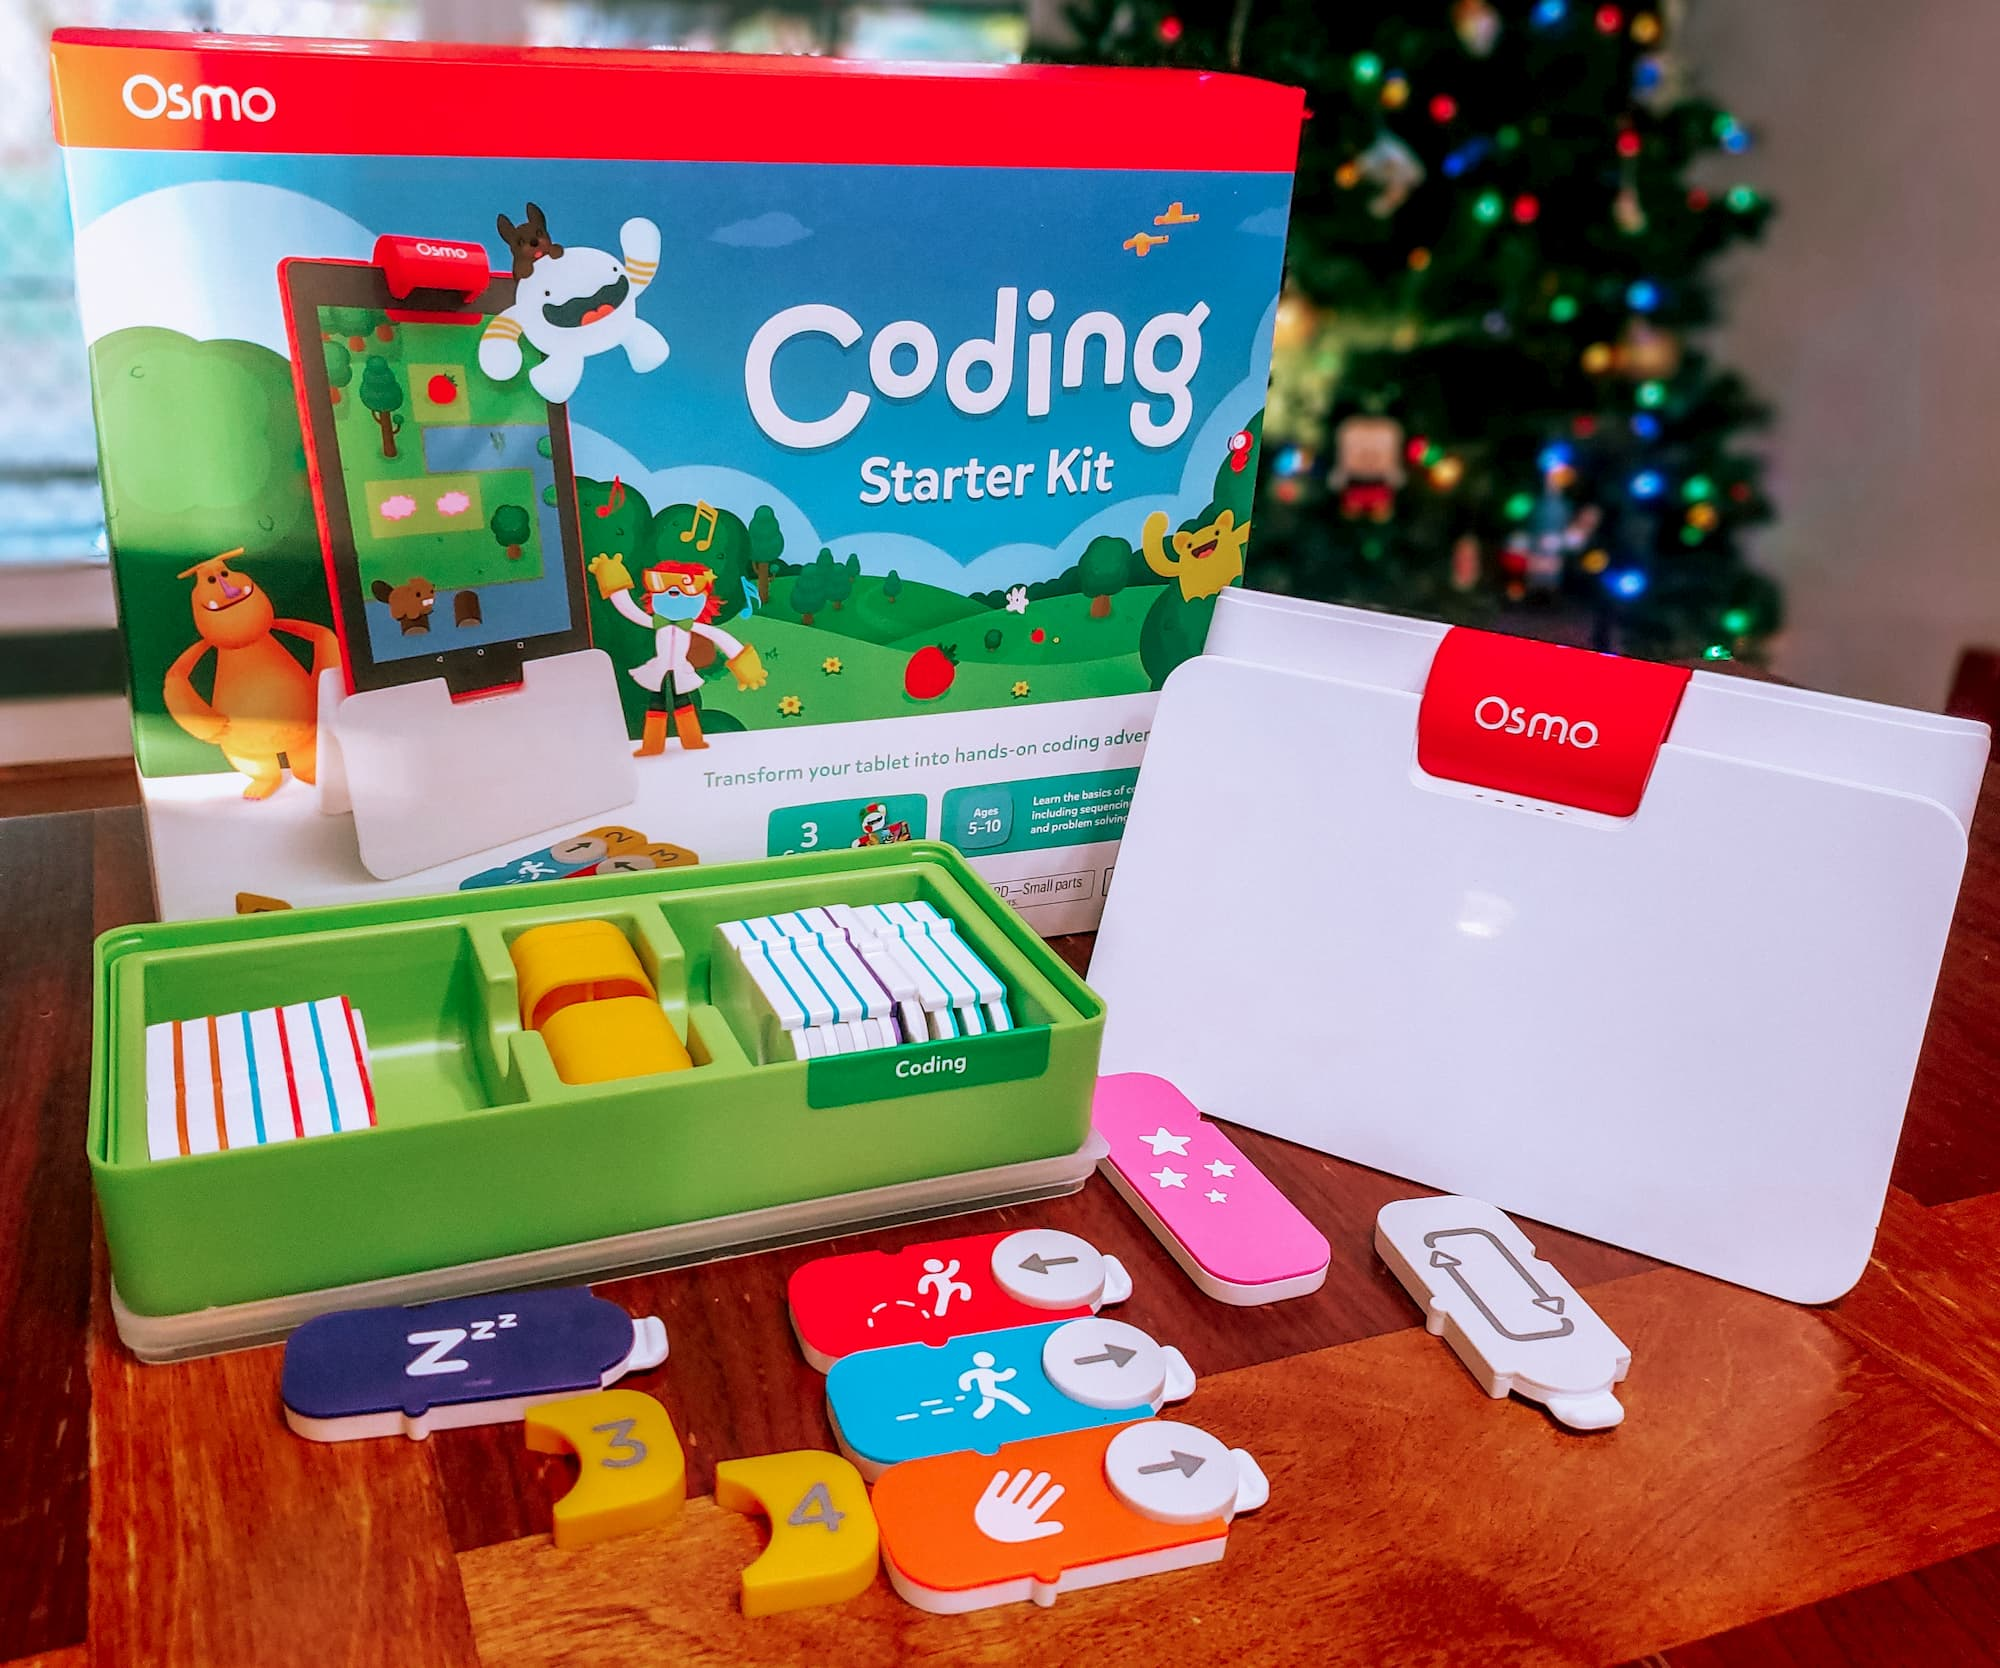 Play Osmo Coding Starter Kit